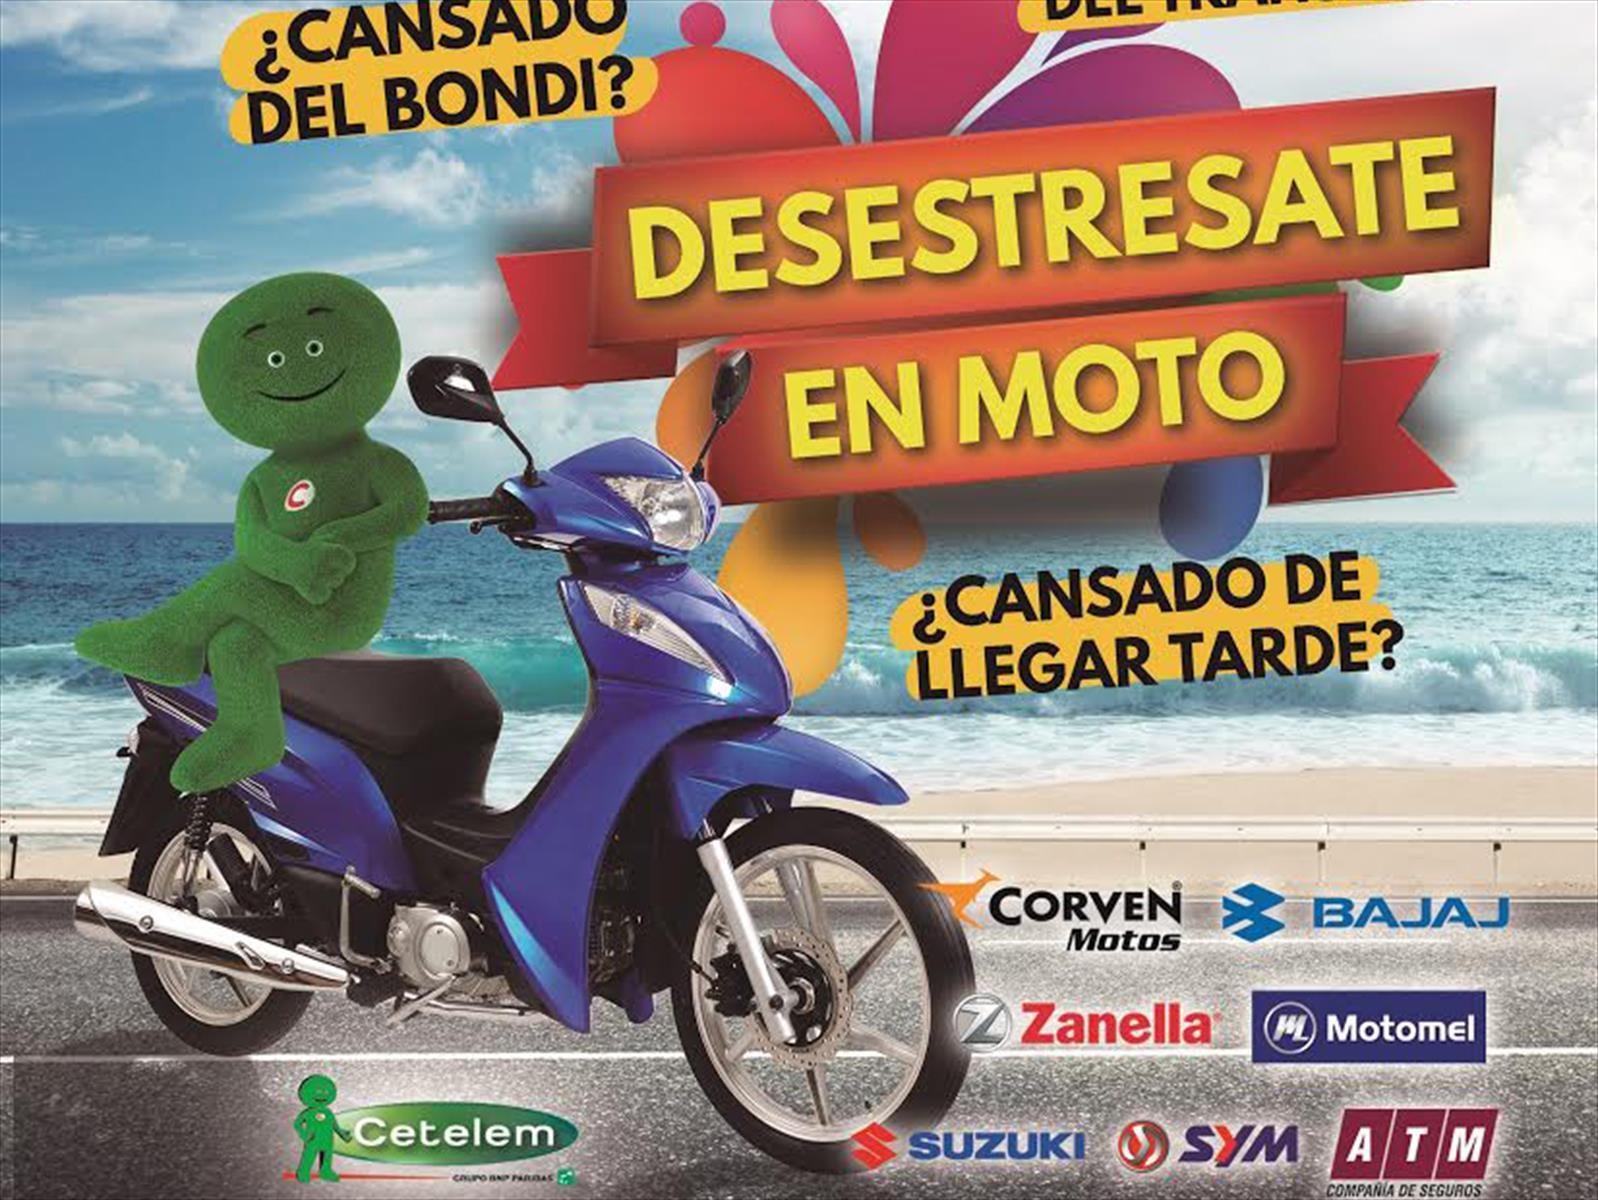 Cetelem lanza un plan de cuotas para comprar una moto